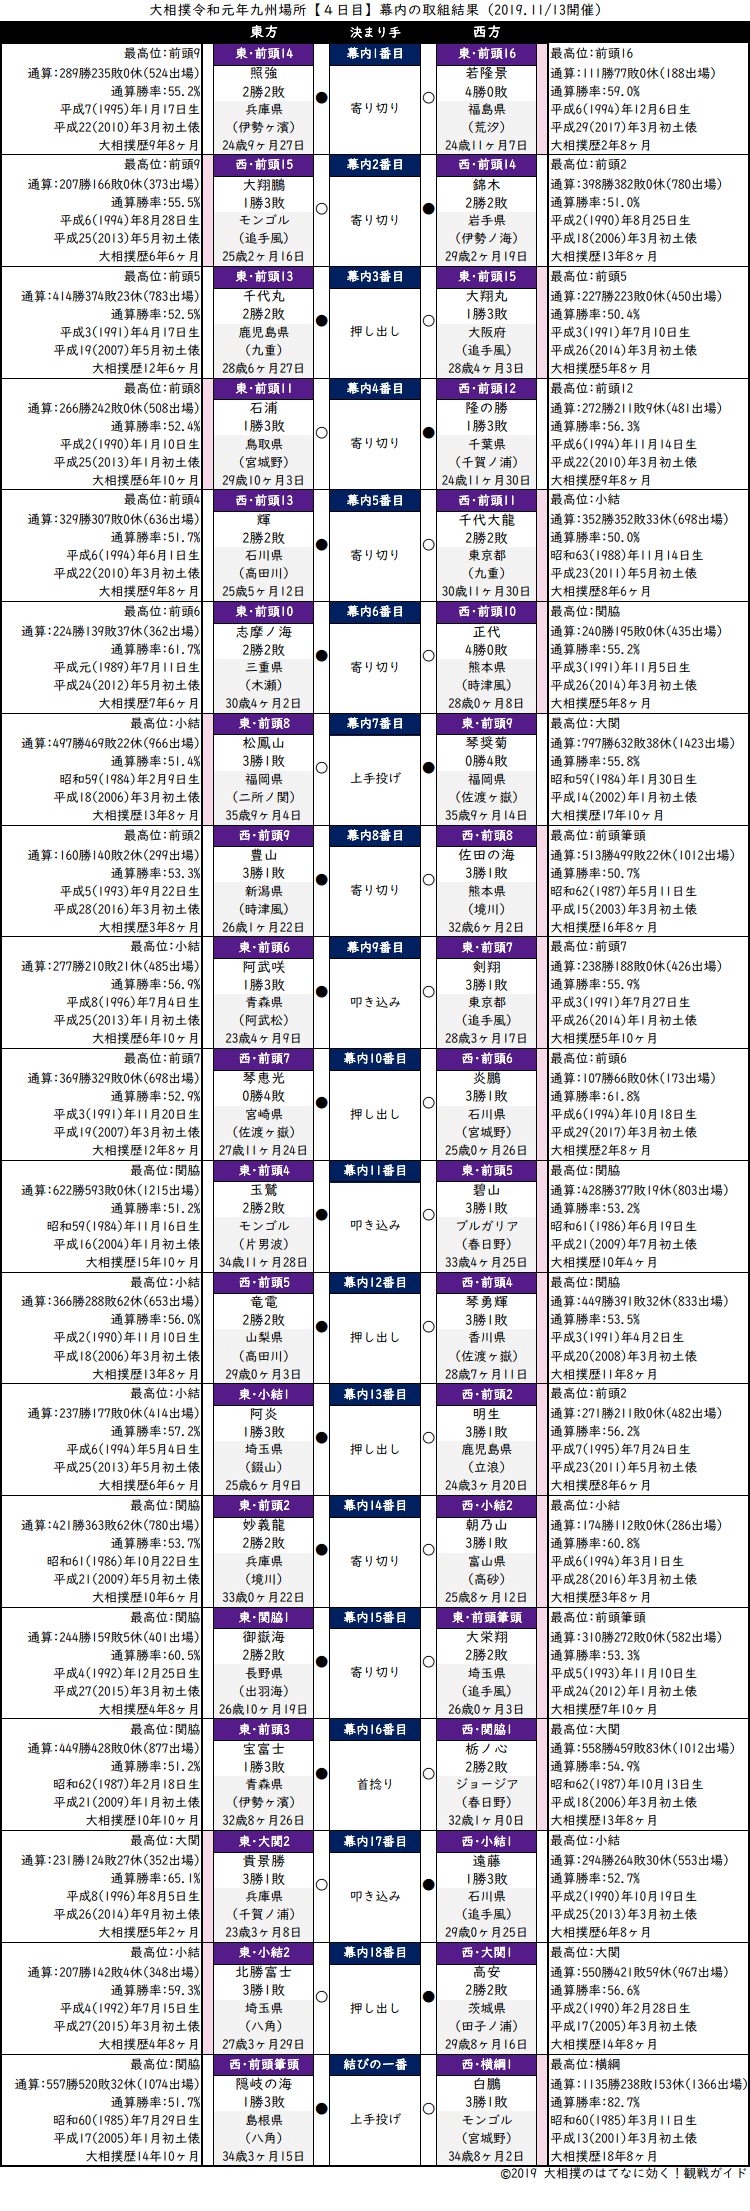 大相撲・2019年11月場所4日目・幕内の取組結果